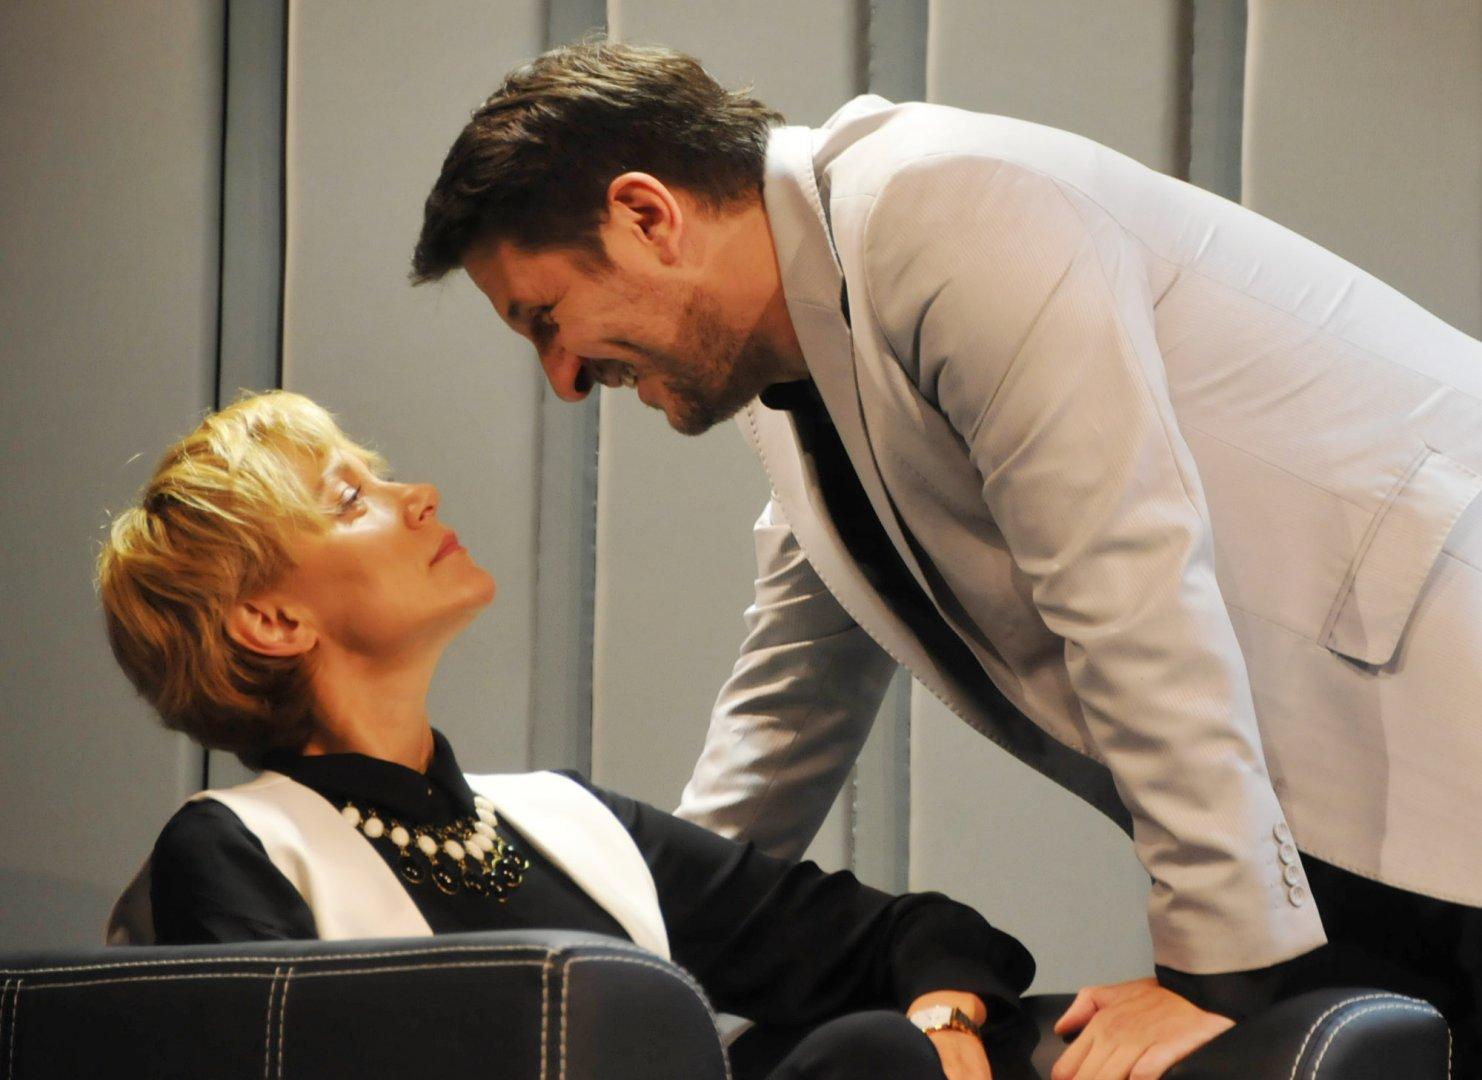 Койна Русева и Асен Блатечки се превъплъщават в главните роли на пиесата Умопомрачение. Снимка Лина Главинова